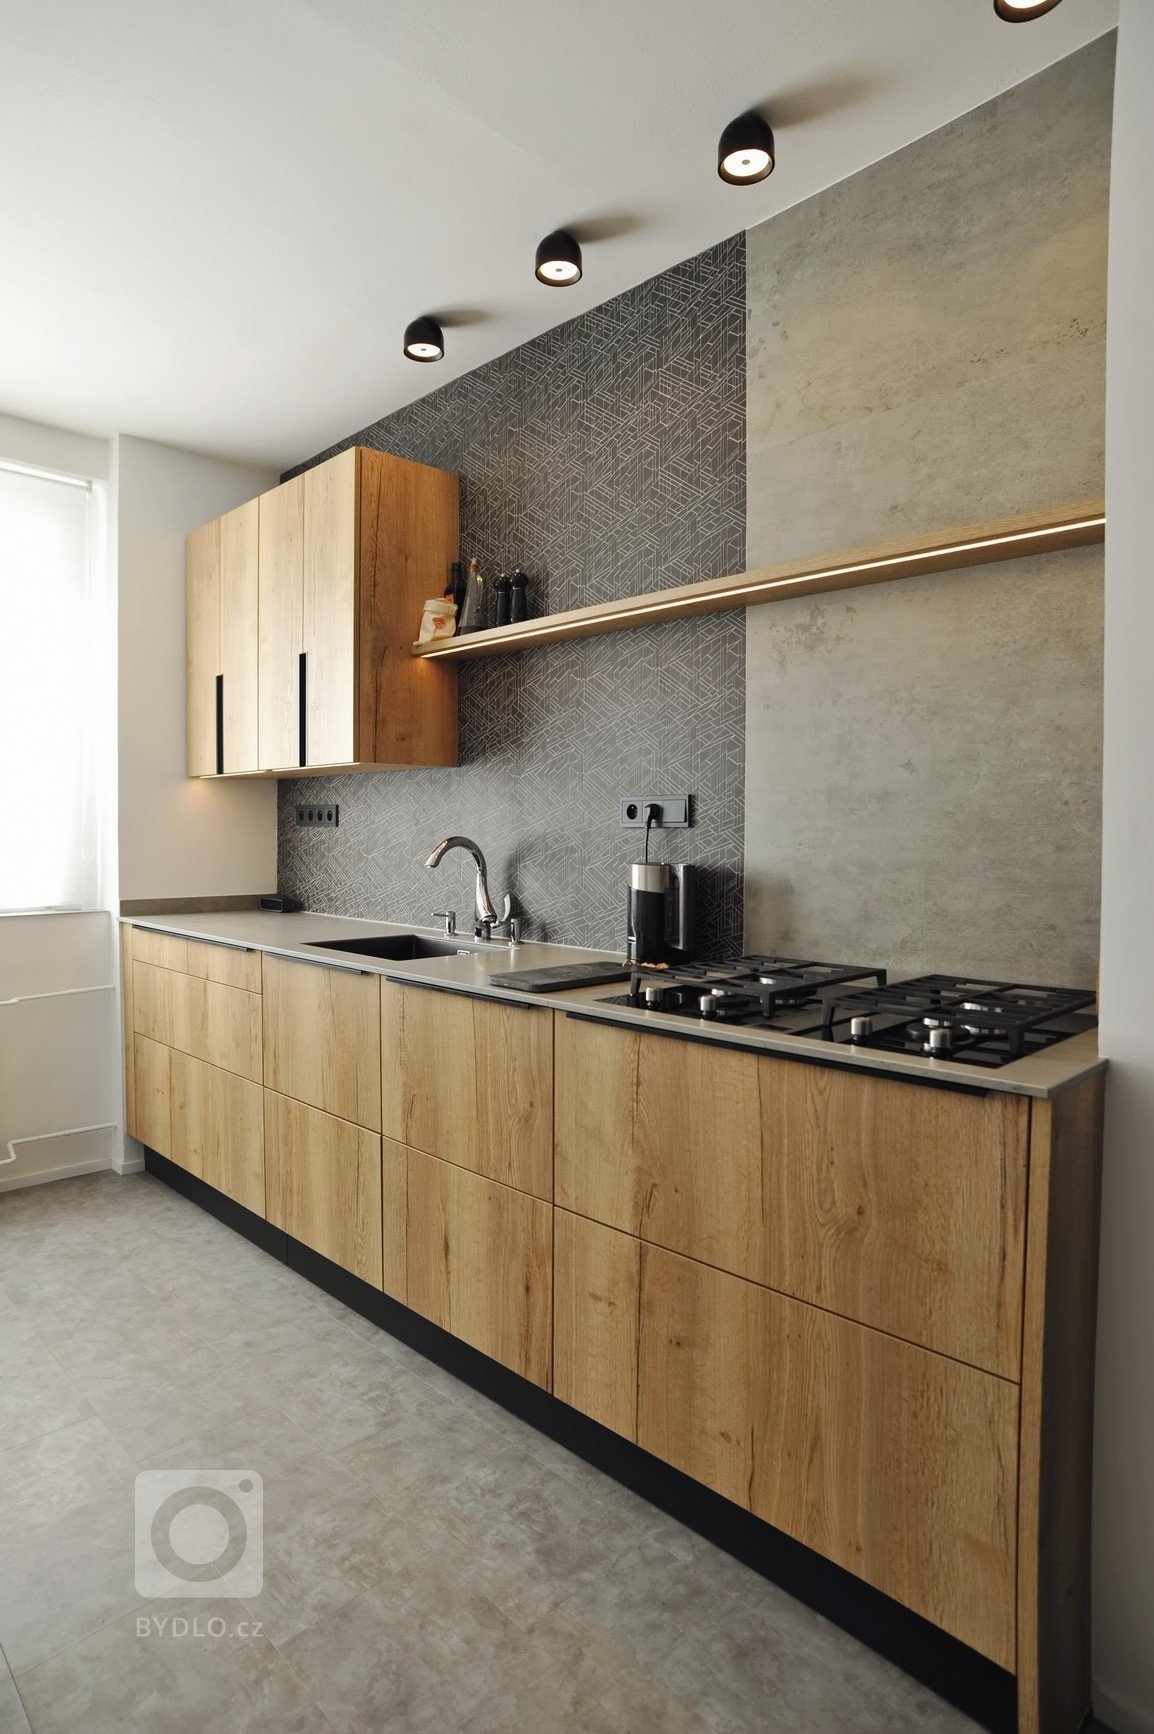 Realizace kuchyně ve skandinávském stylu. Schüller Cremona – imitace dub v kombinaci s matným sklem. Pracovní deska z keramiky, obklad z řezané mozaiky v…